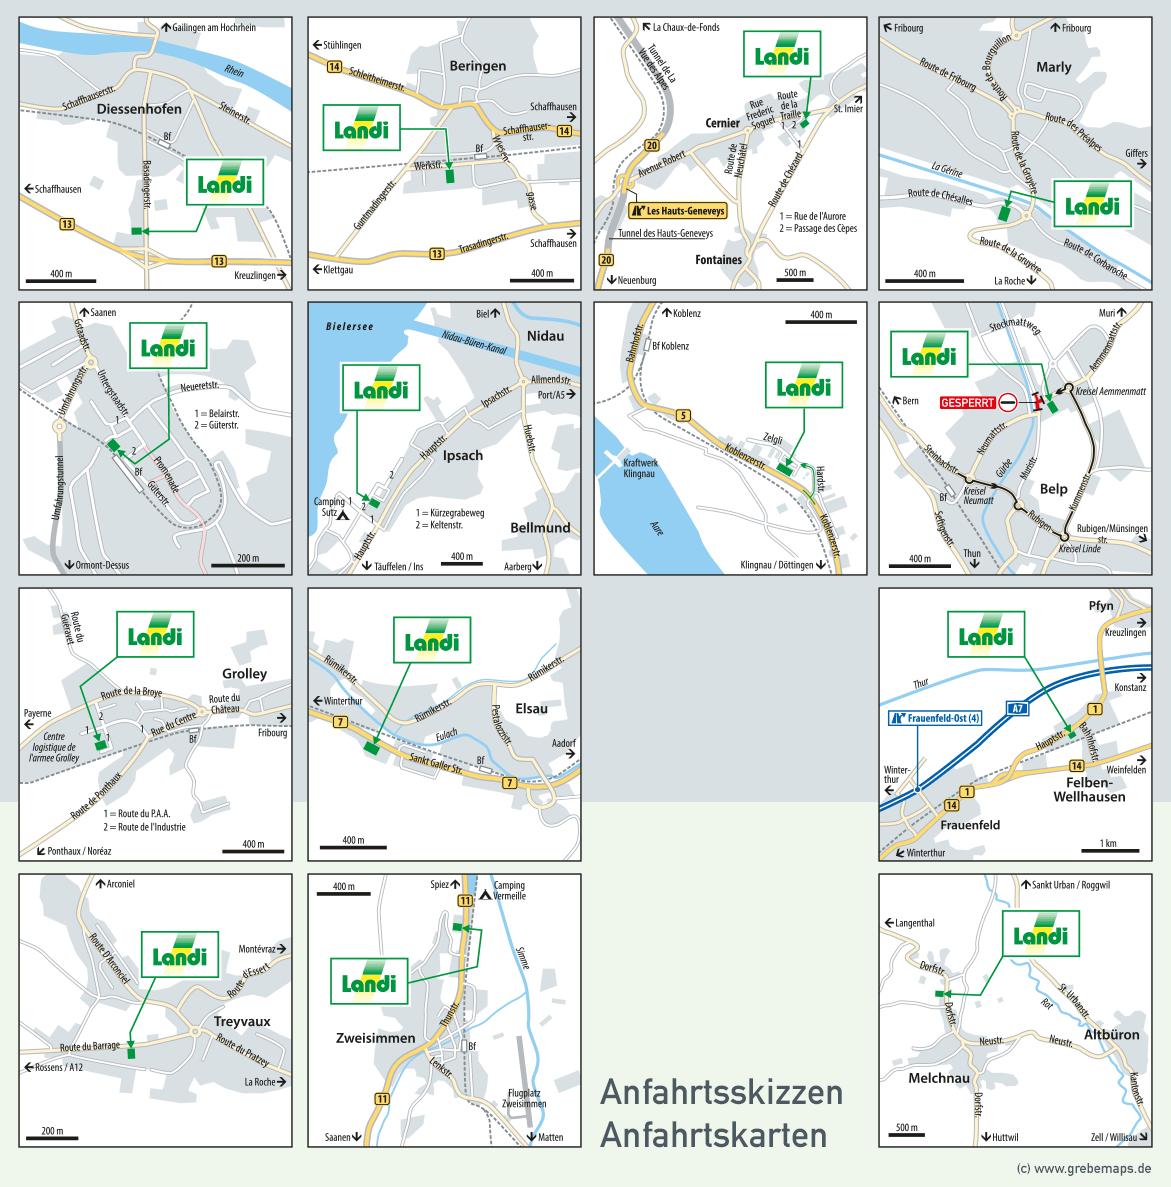 Anfahrtsskizzen für Landi (Schweiz)